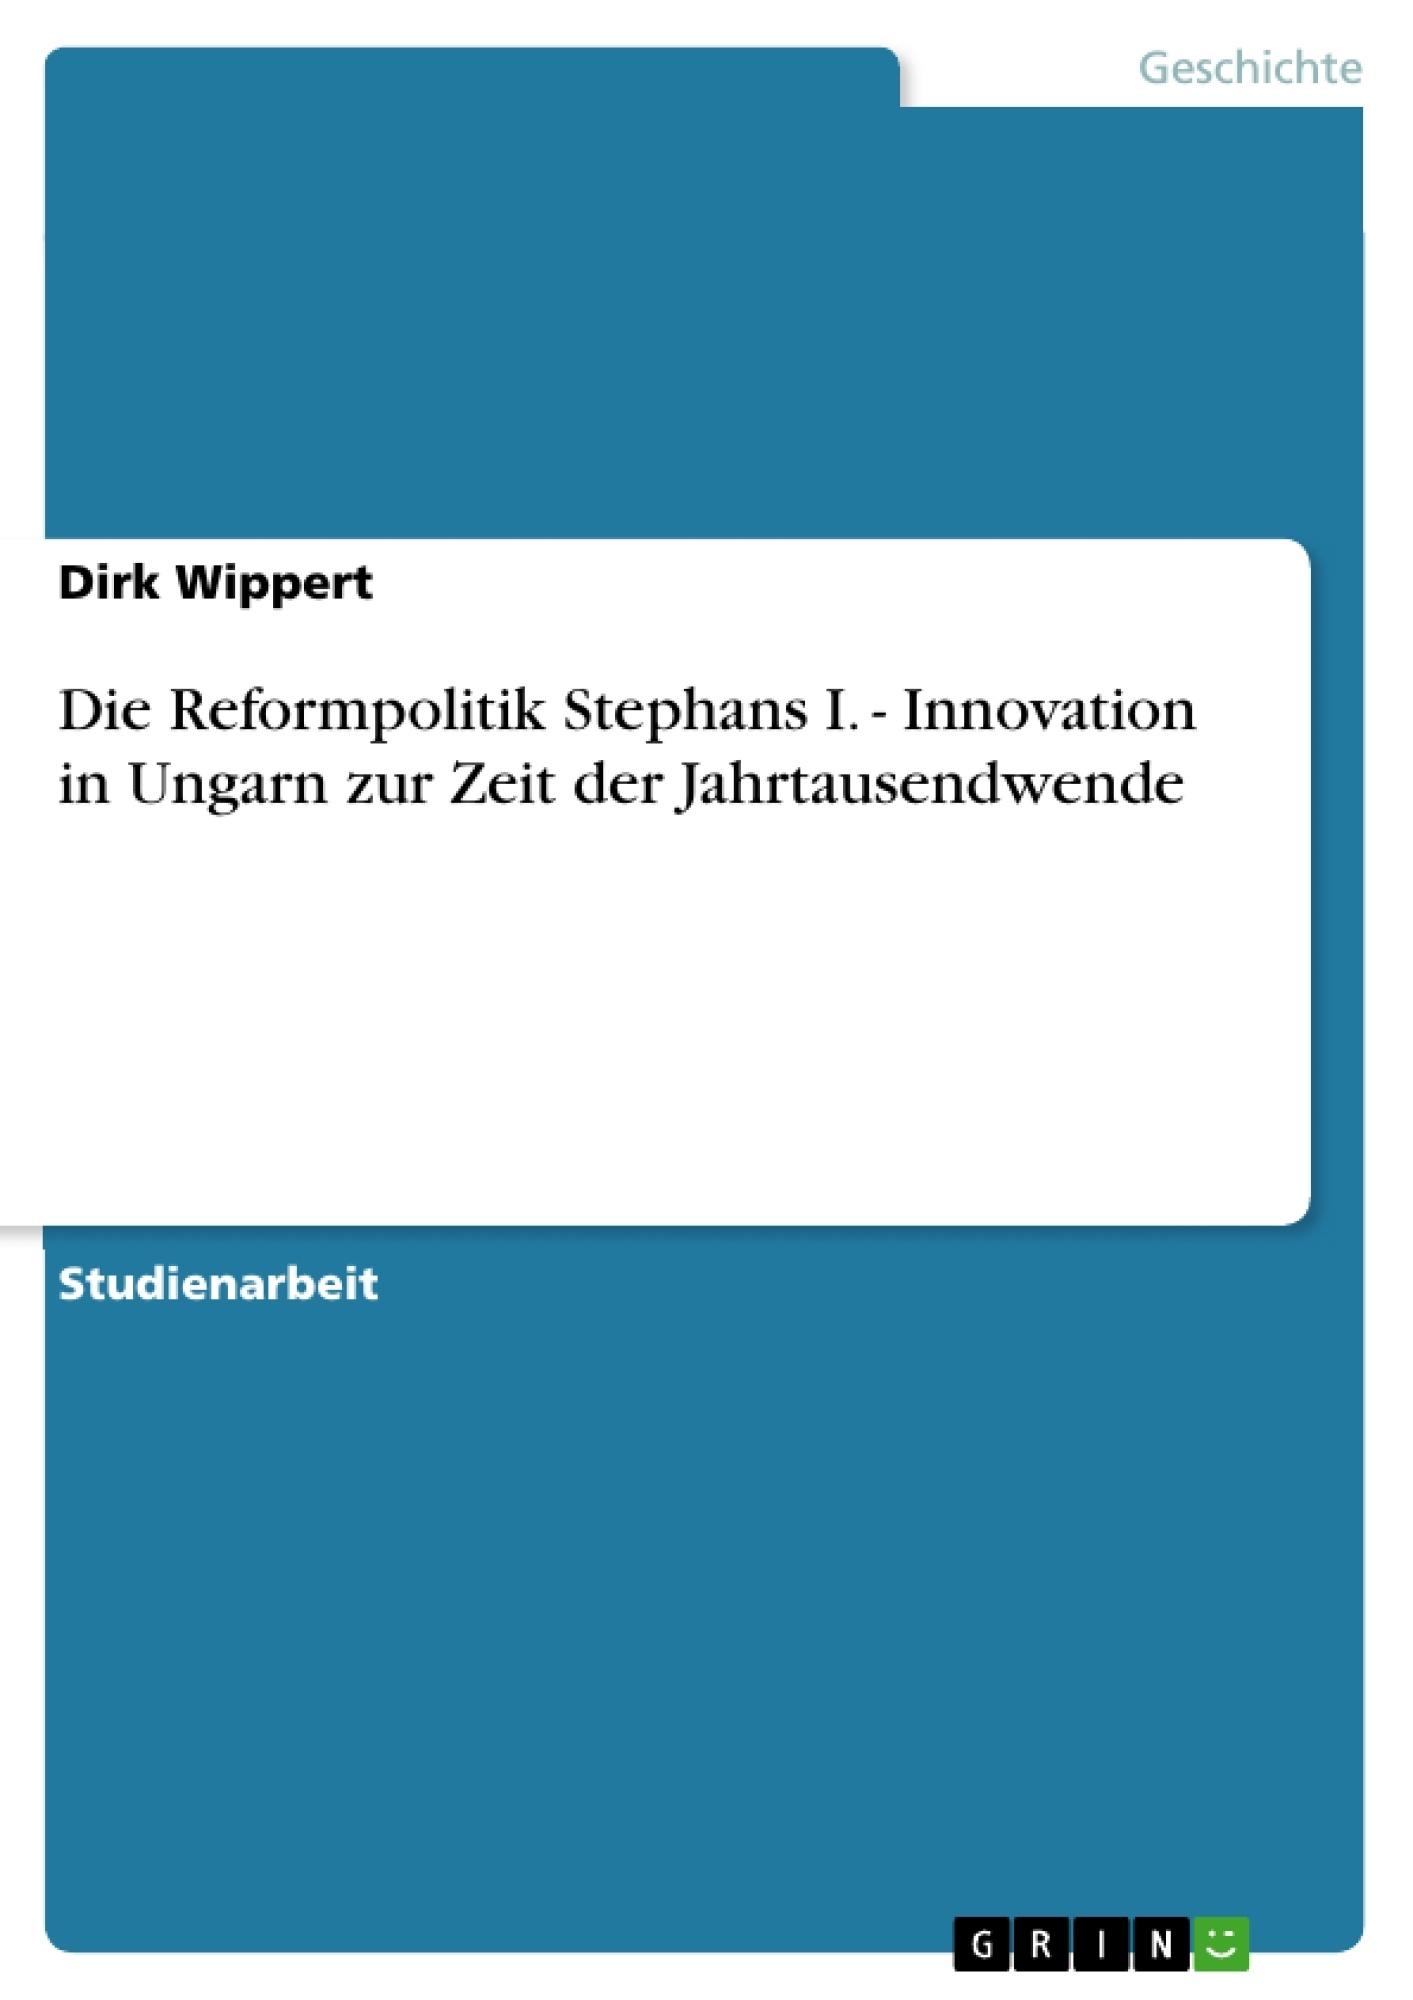 Titel: Die Reformpolitik Stephans I. - Innovation in Ungarn zur Zeit der Jahrtausendwende